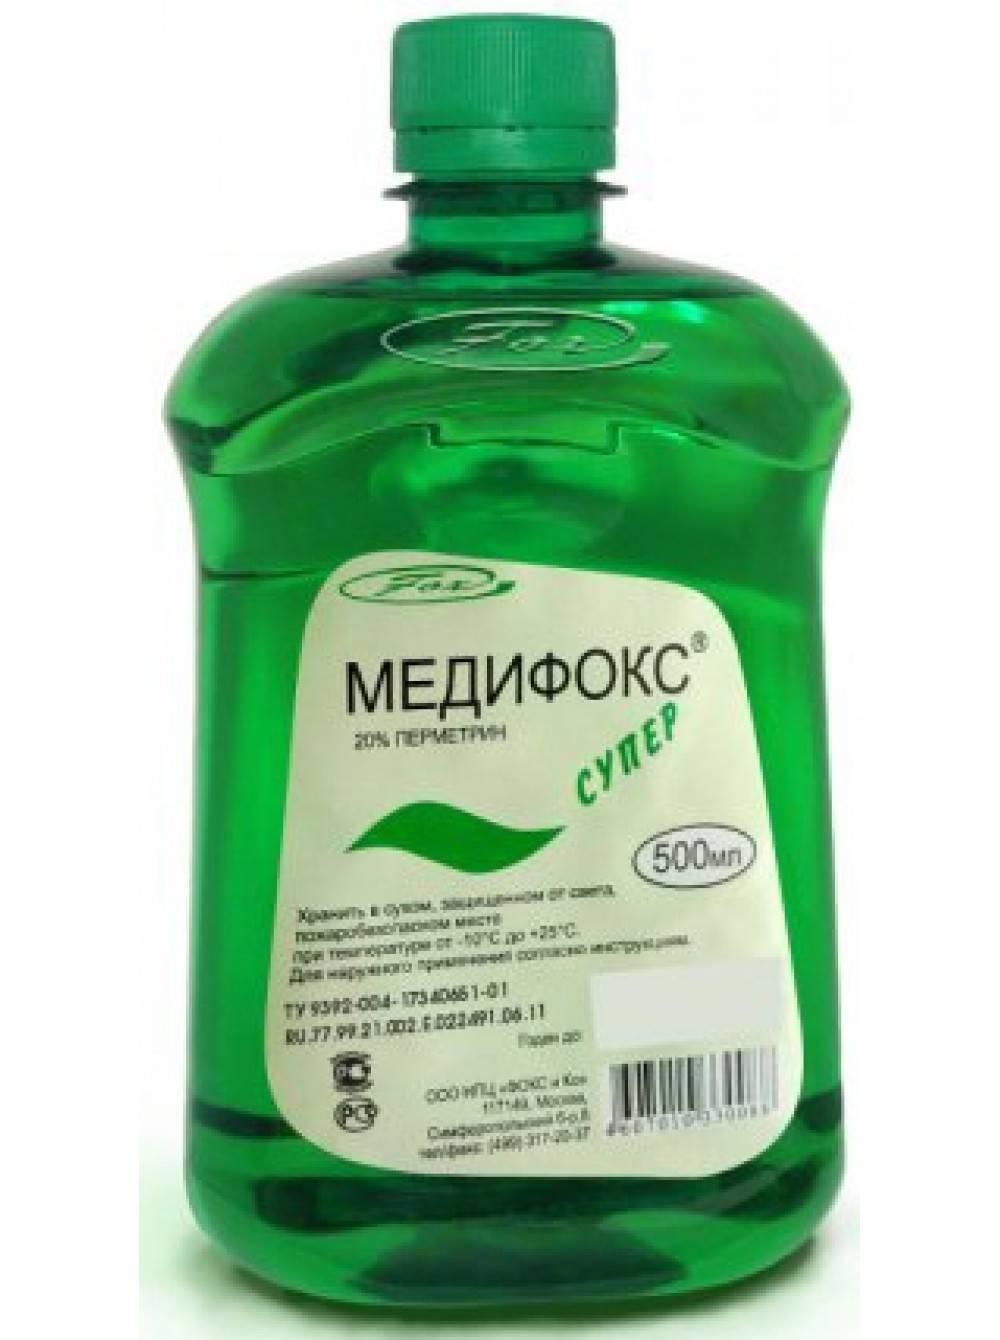 Медифокс — инструкция по применению, состав, показания, побочные эффекты, аналоги и цена